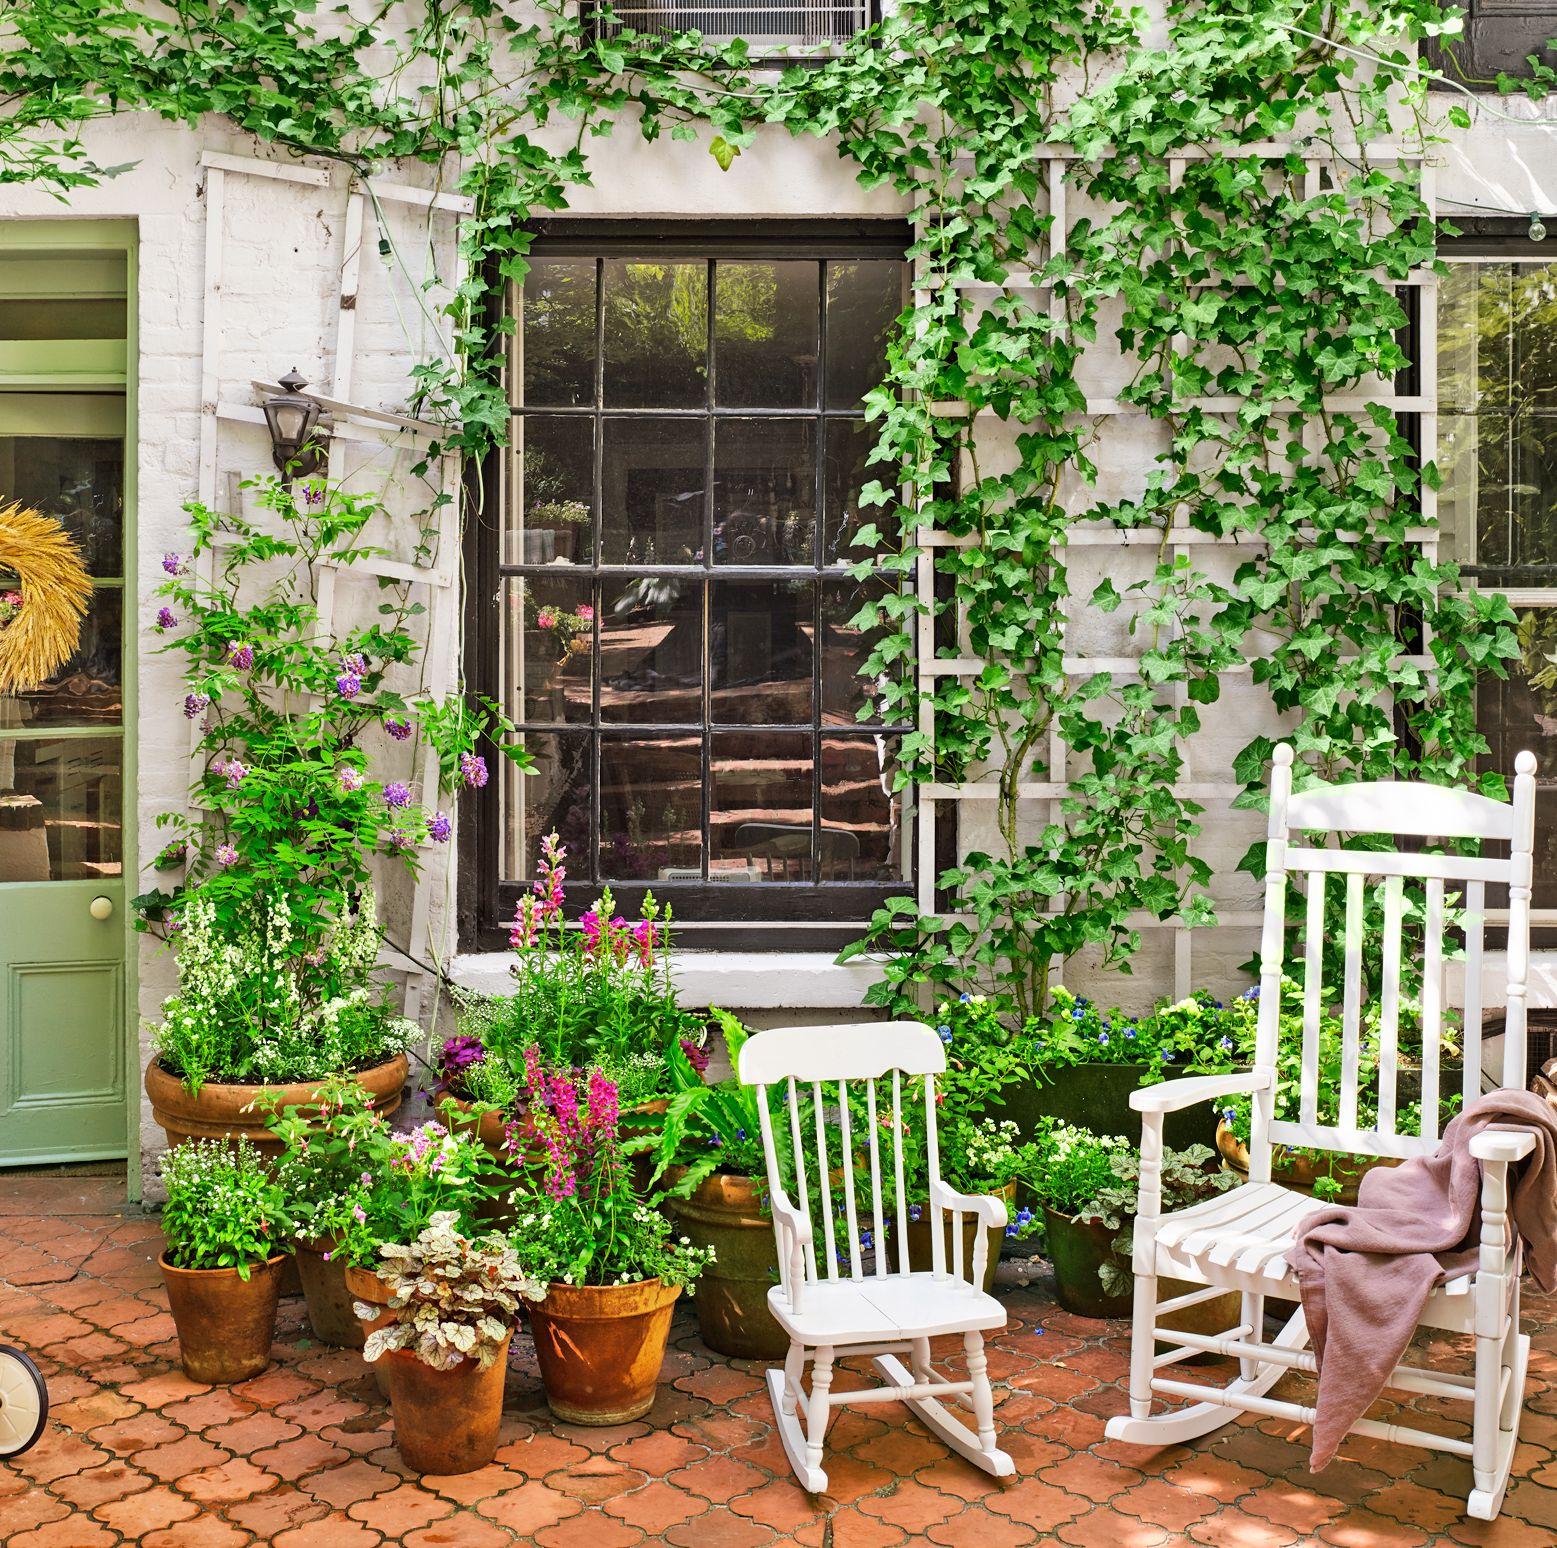 18 Creative Small Garden Ideas - Indoor and Outdoor Garden Designs ...